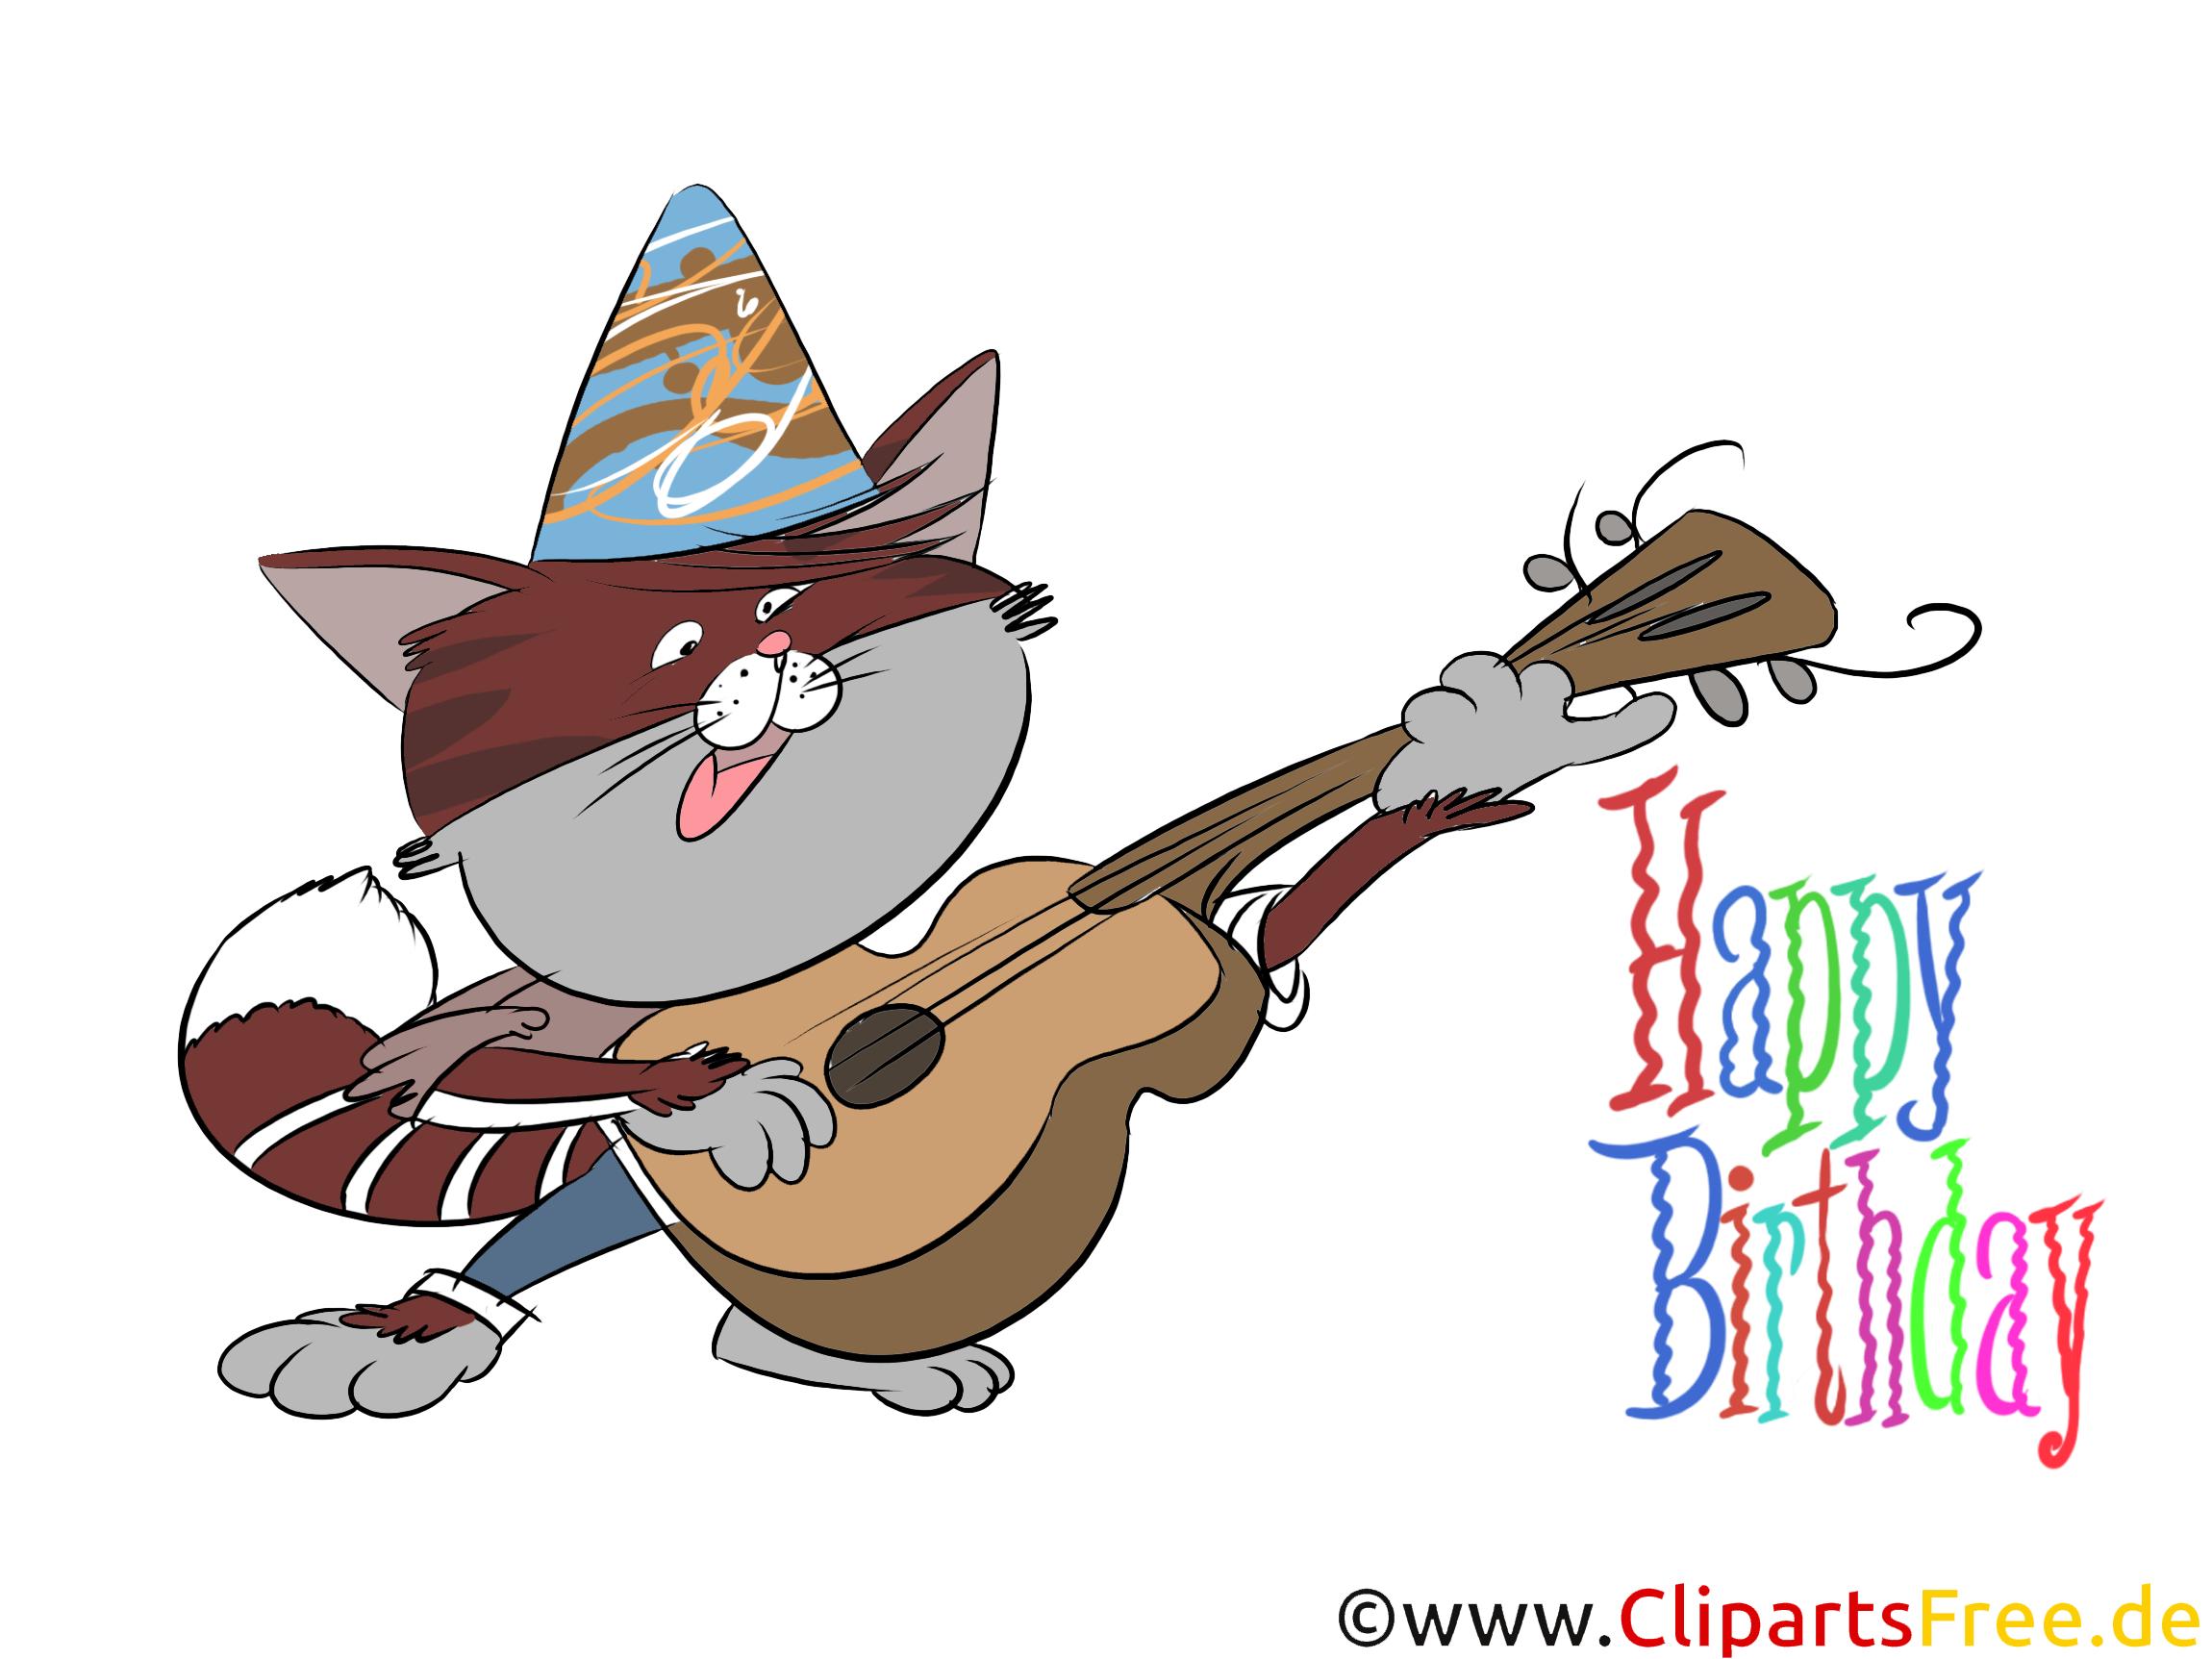 Geburtstagskarte kostenlos ausdrucken